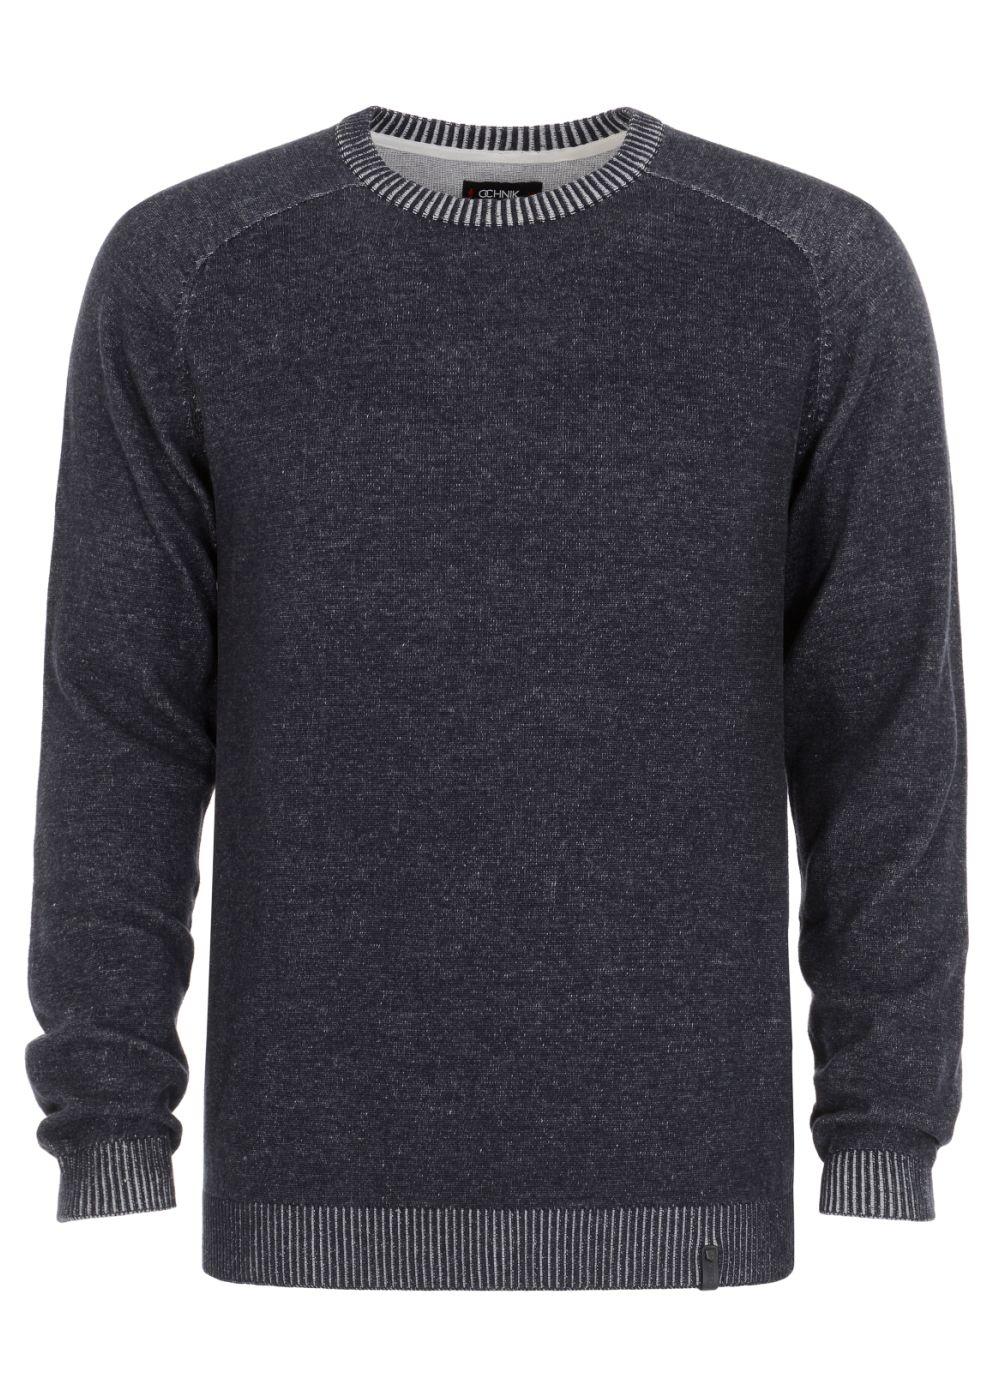 Sweter męski SWEMT-0092-69(W21)